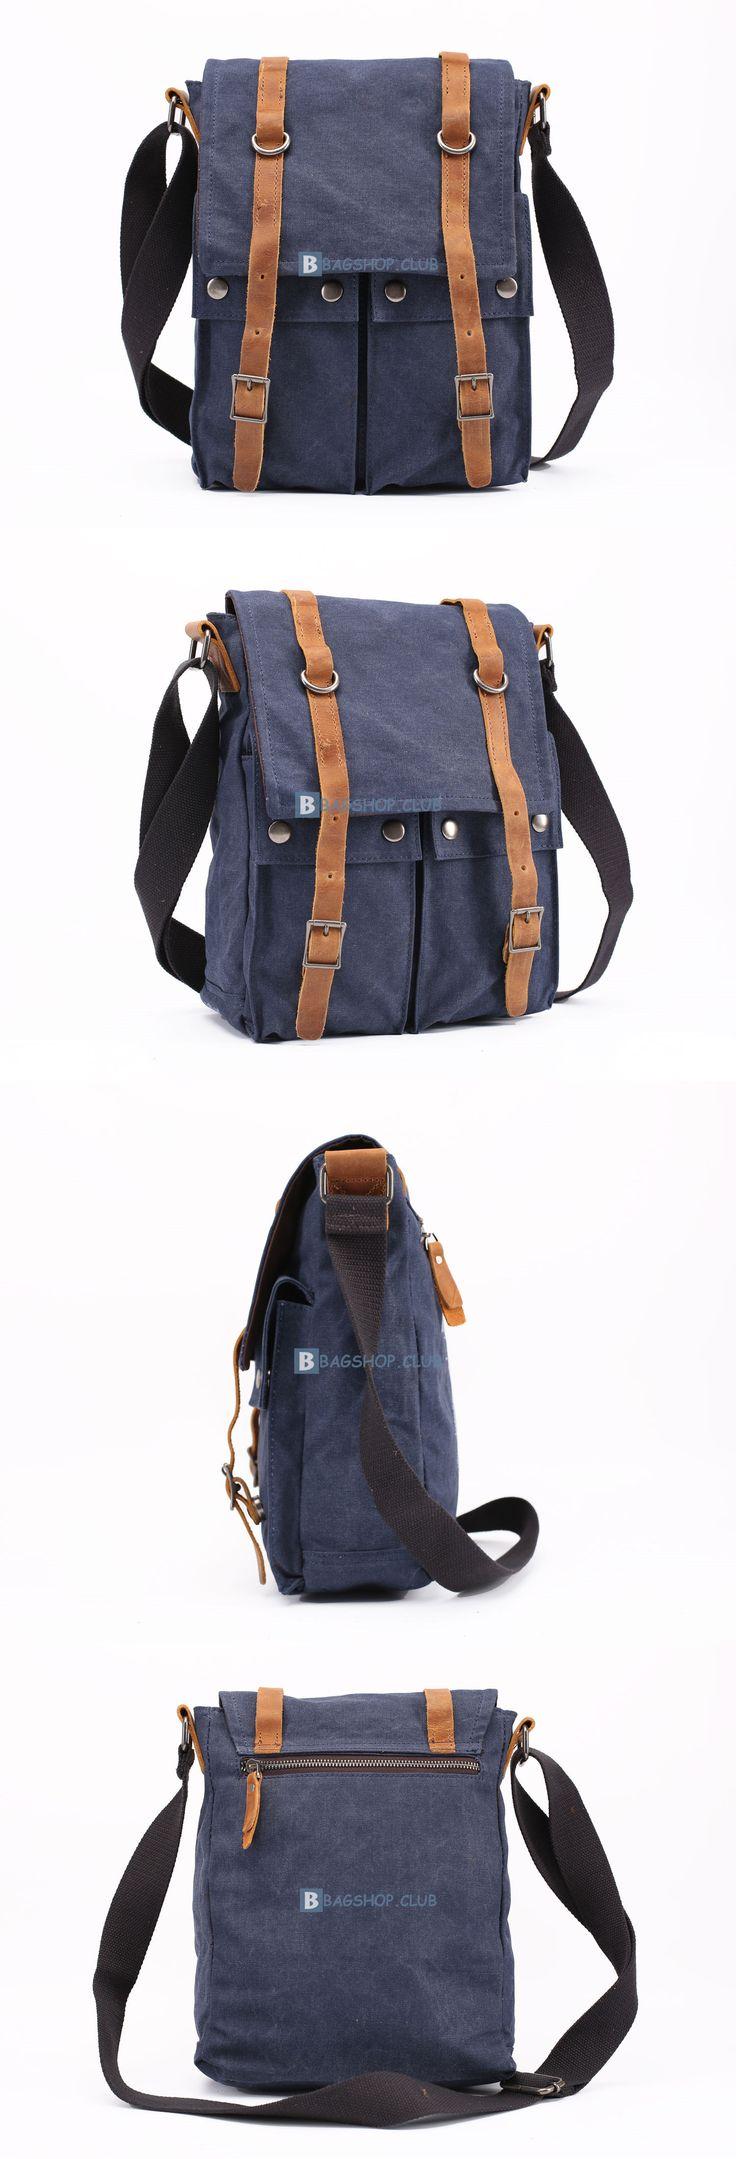 $67.99 Canvas Bag For MenTravel BagsShoulder Bag